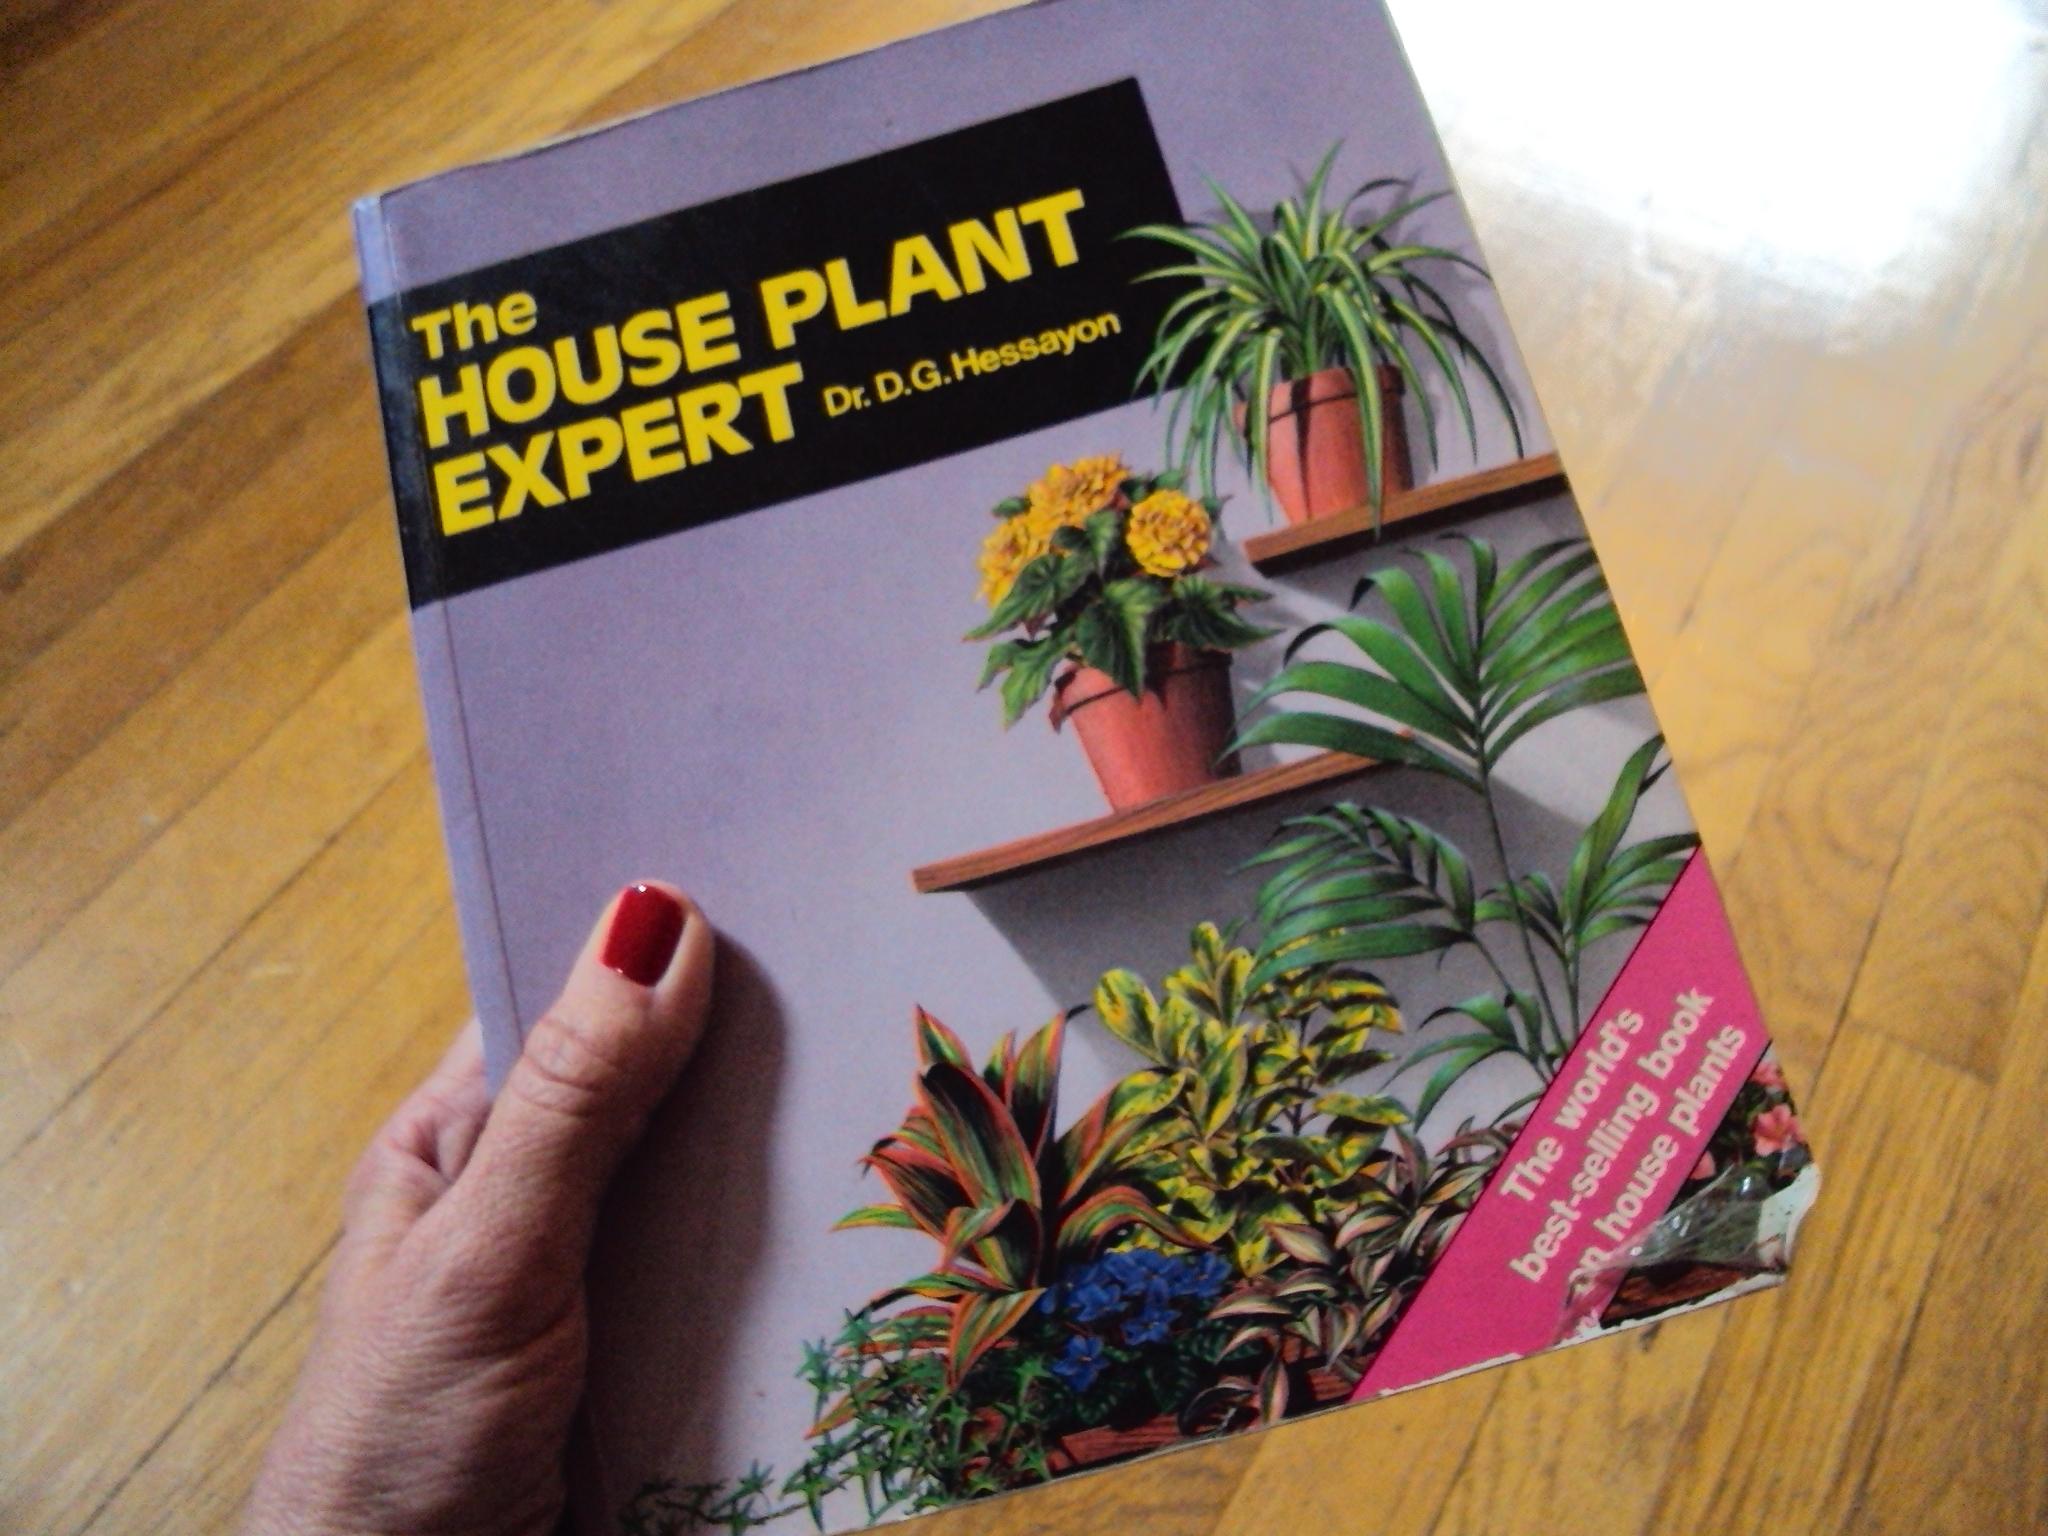 The houseplant expert hessayon